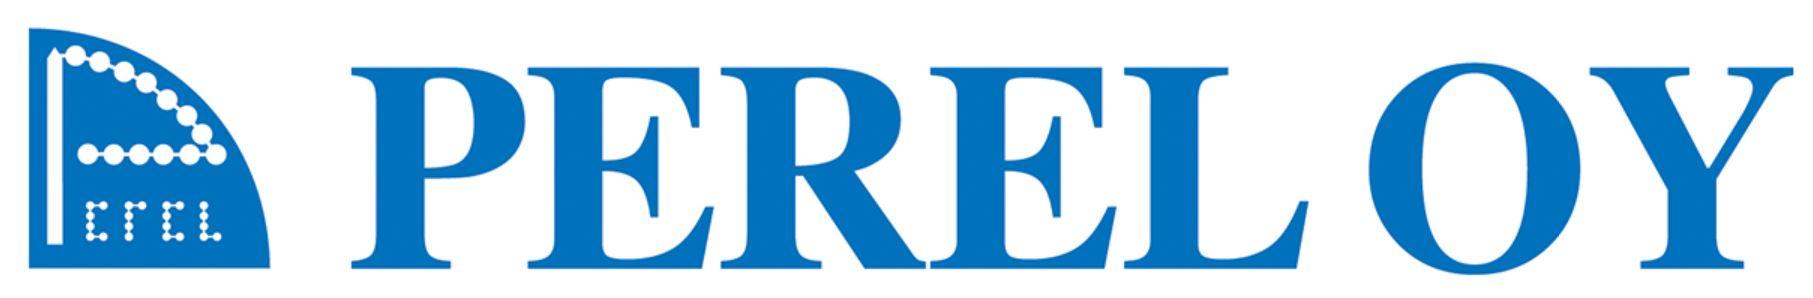 Perel Oy logo